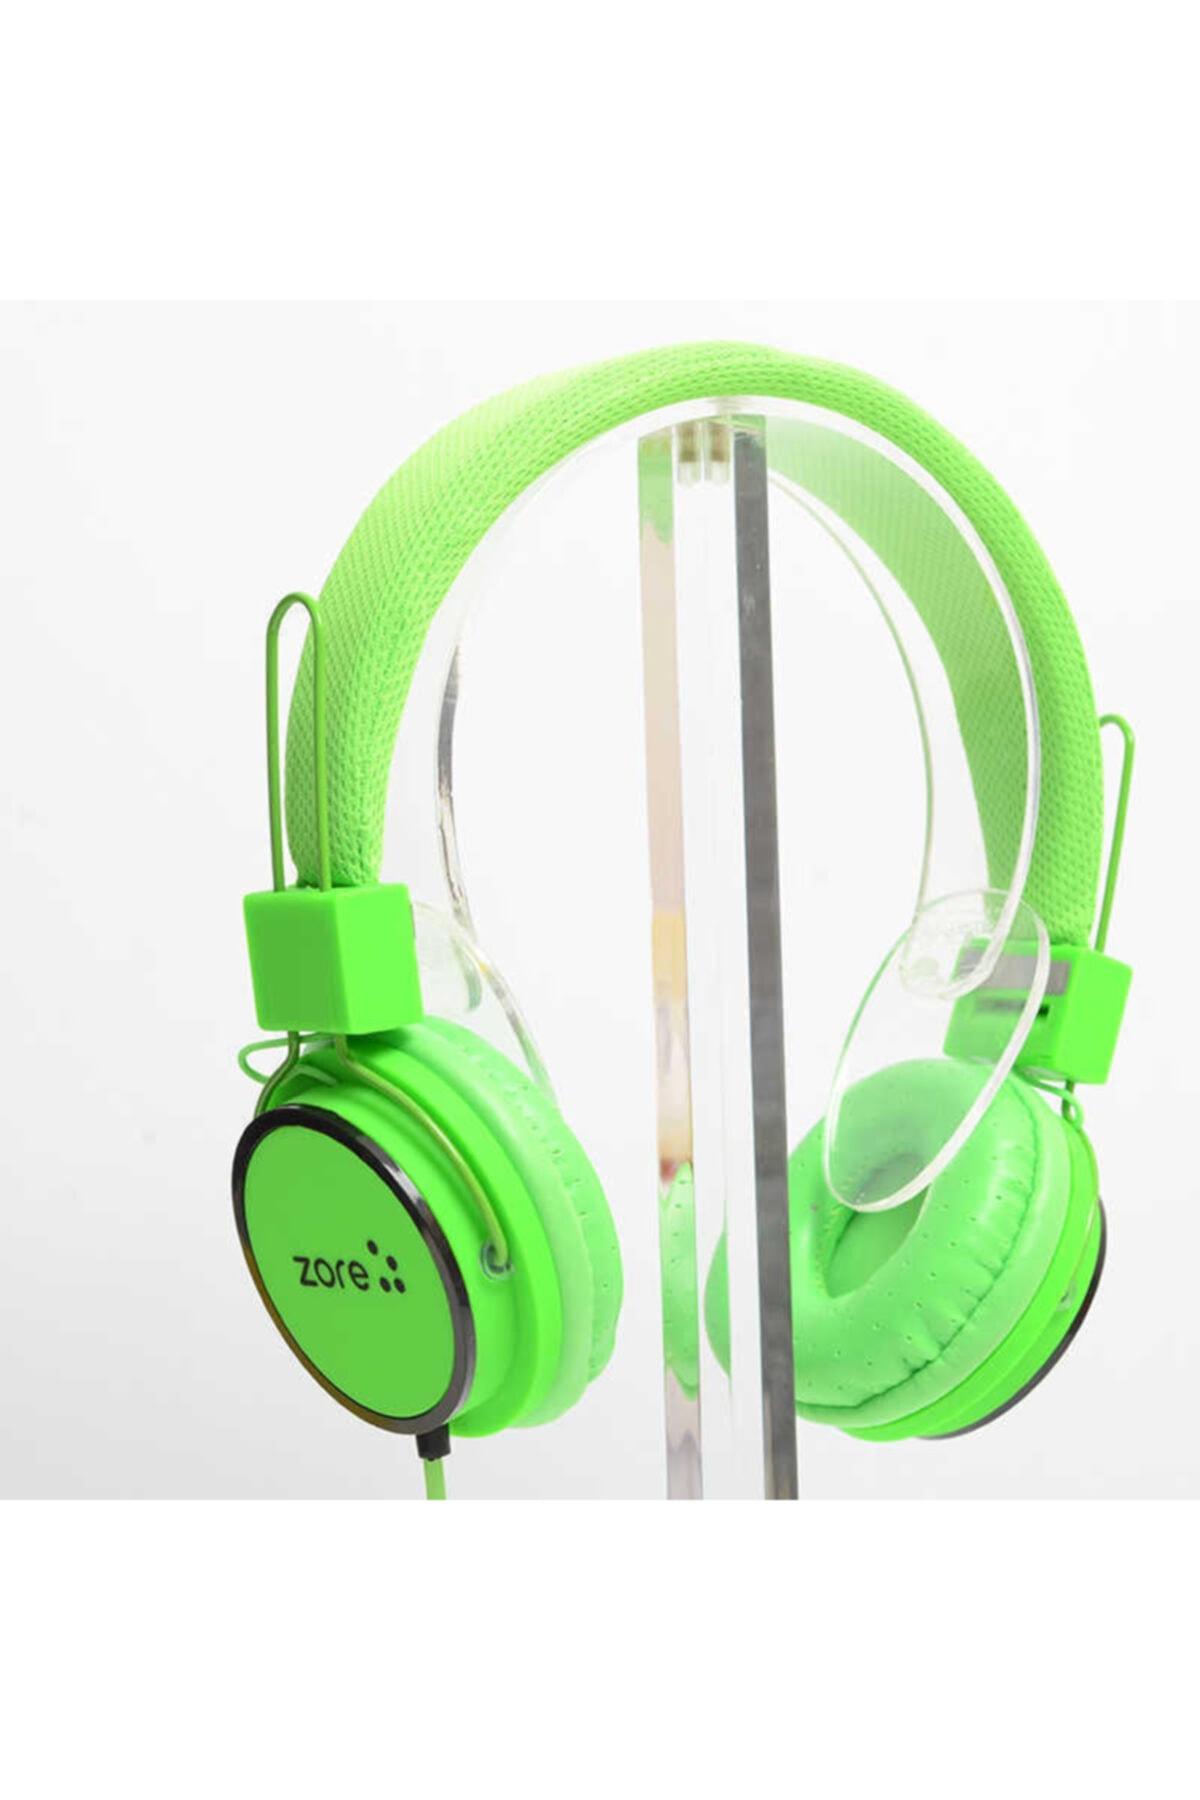 zore Hd Ses Kalitesi Silikon Ped 3.5mm Ios Ve Android Uyumlu Kablolu Kulaklık 1